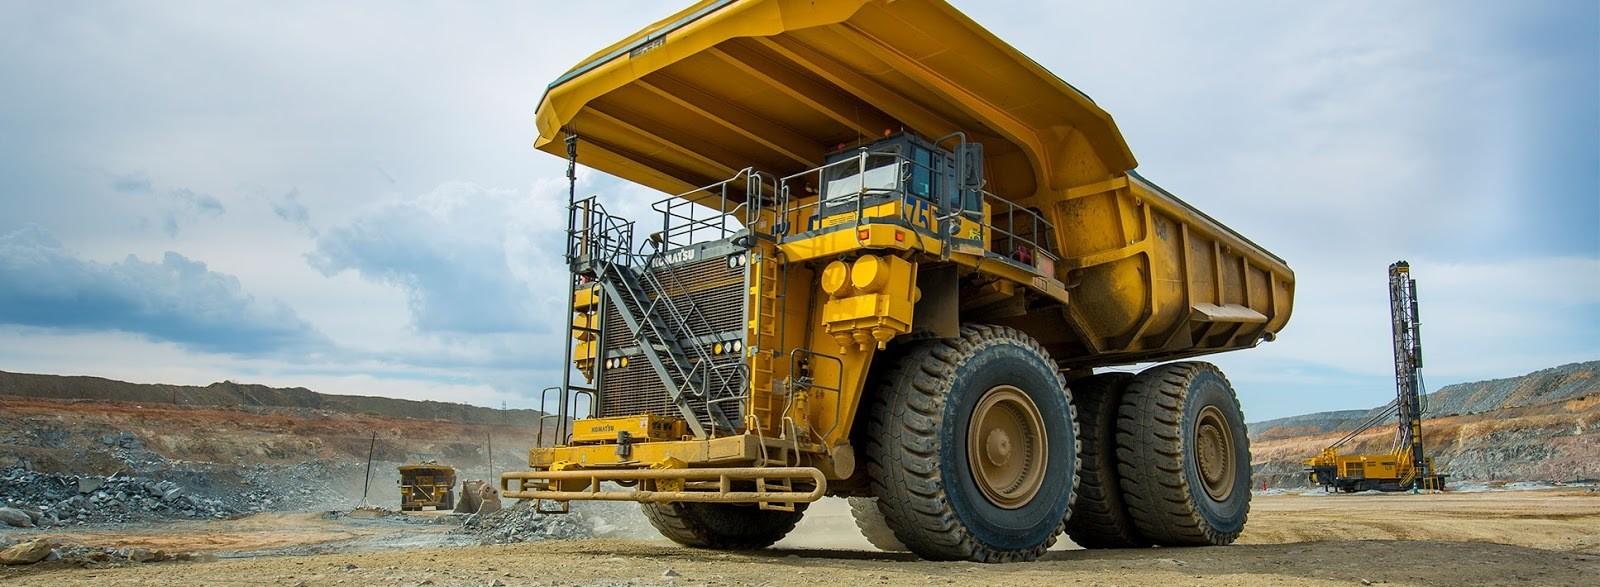 دنیا کی سب سے بڑی برقی گاڑی کی تصویر